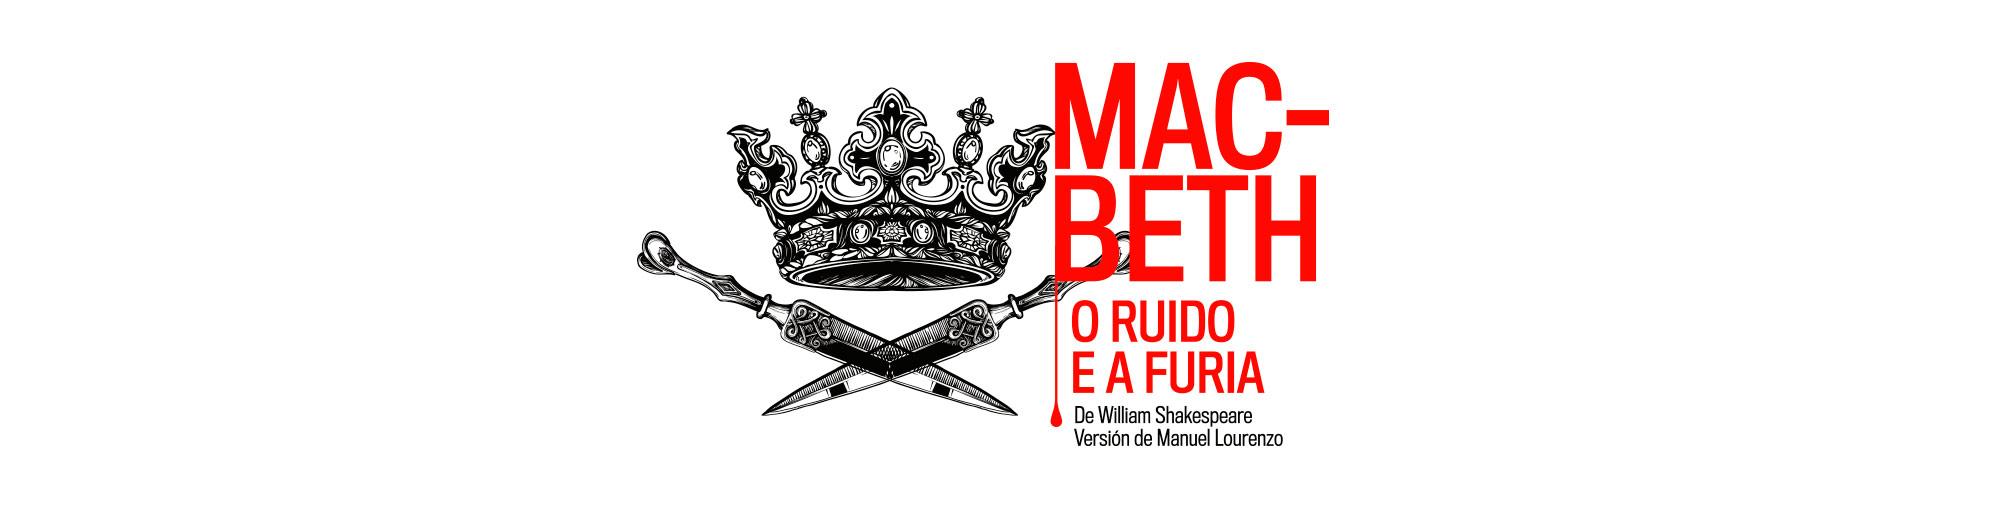 Diseño de campaña gráfica para Macbeth en gallego